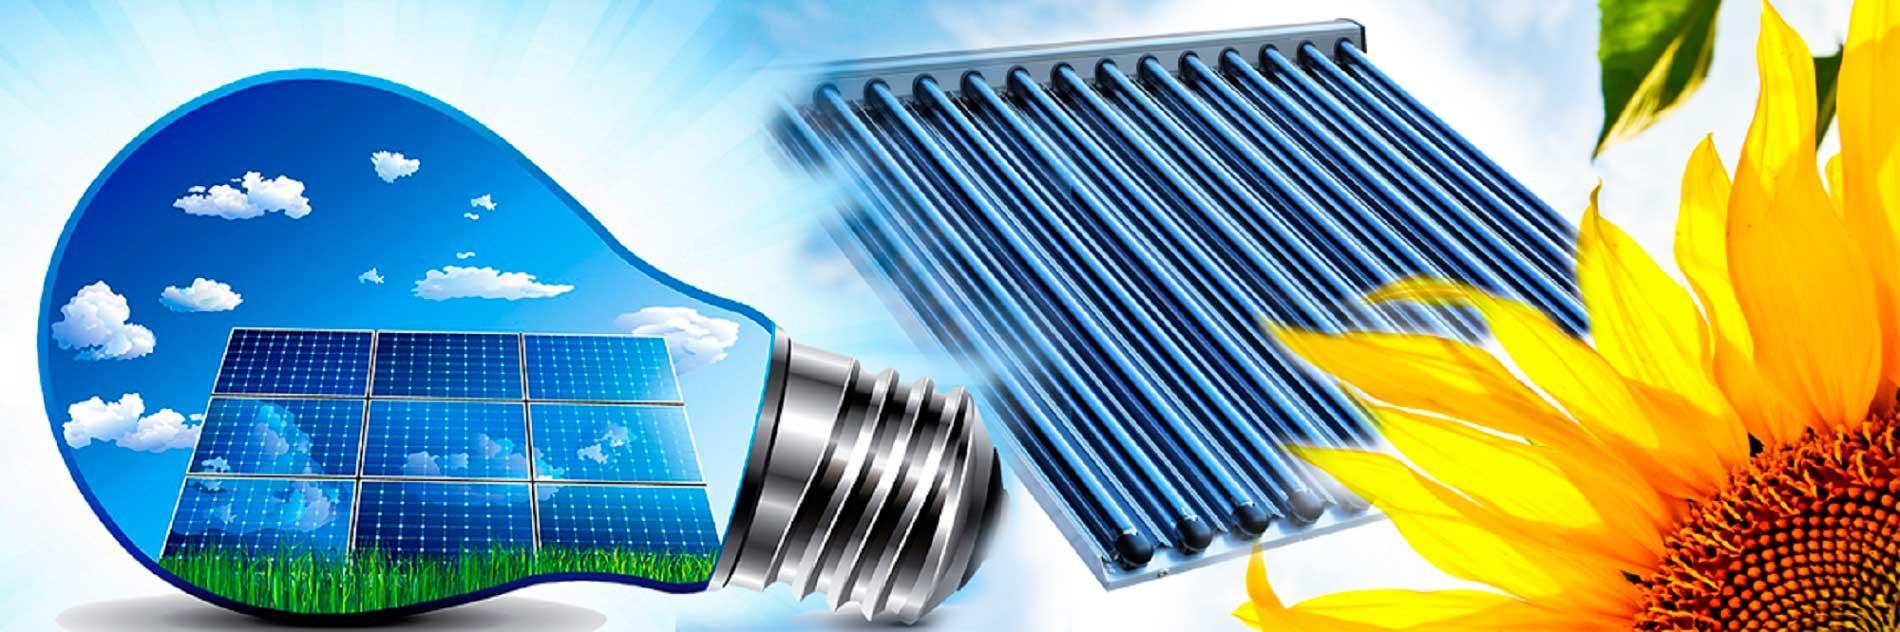 готовые решения солнечные батареи